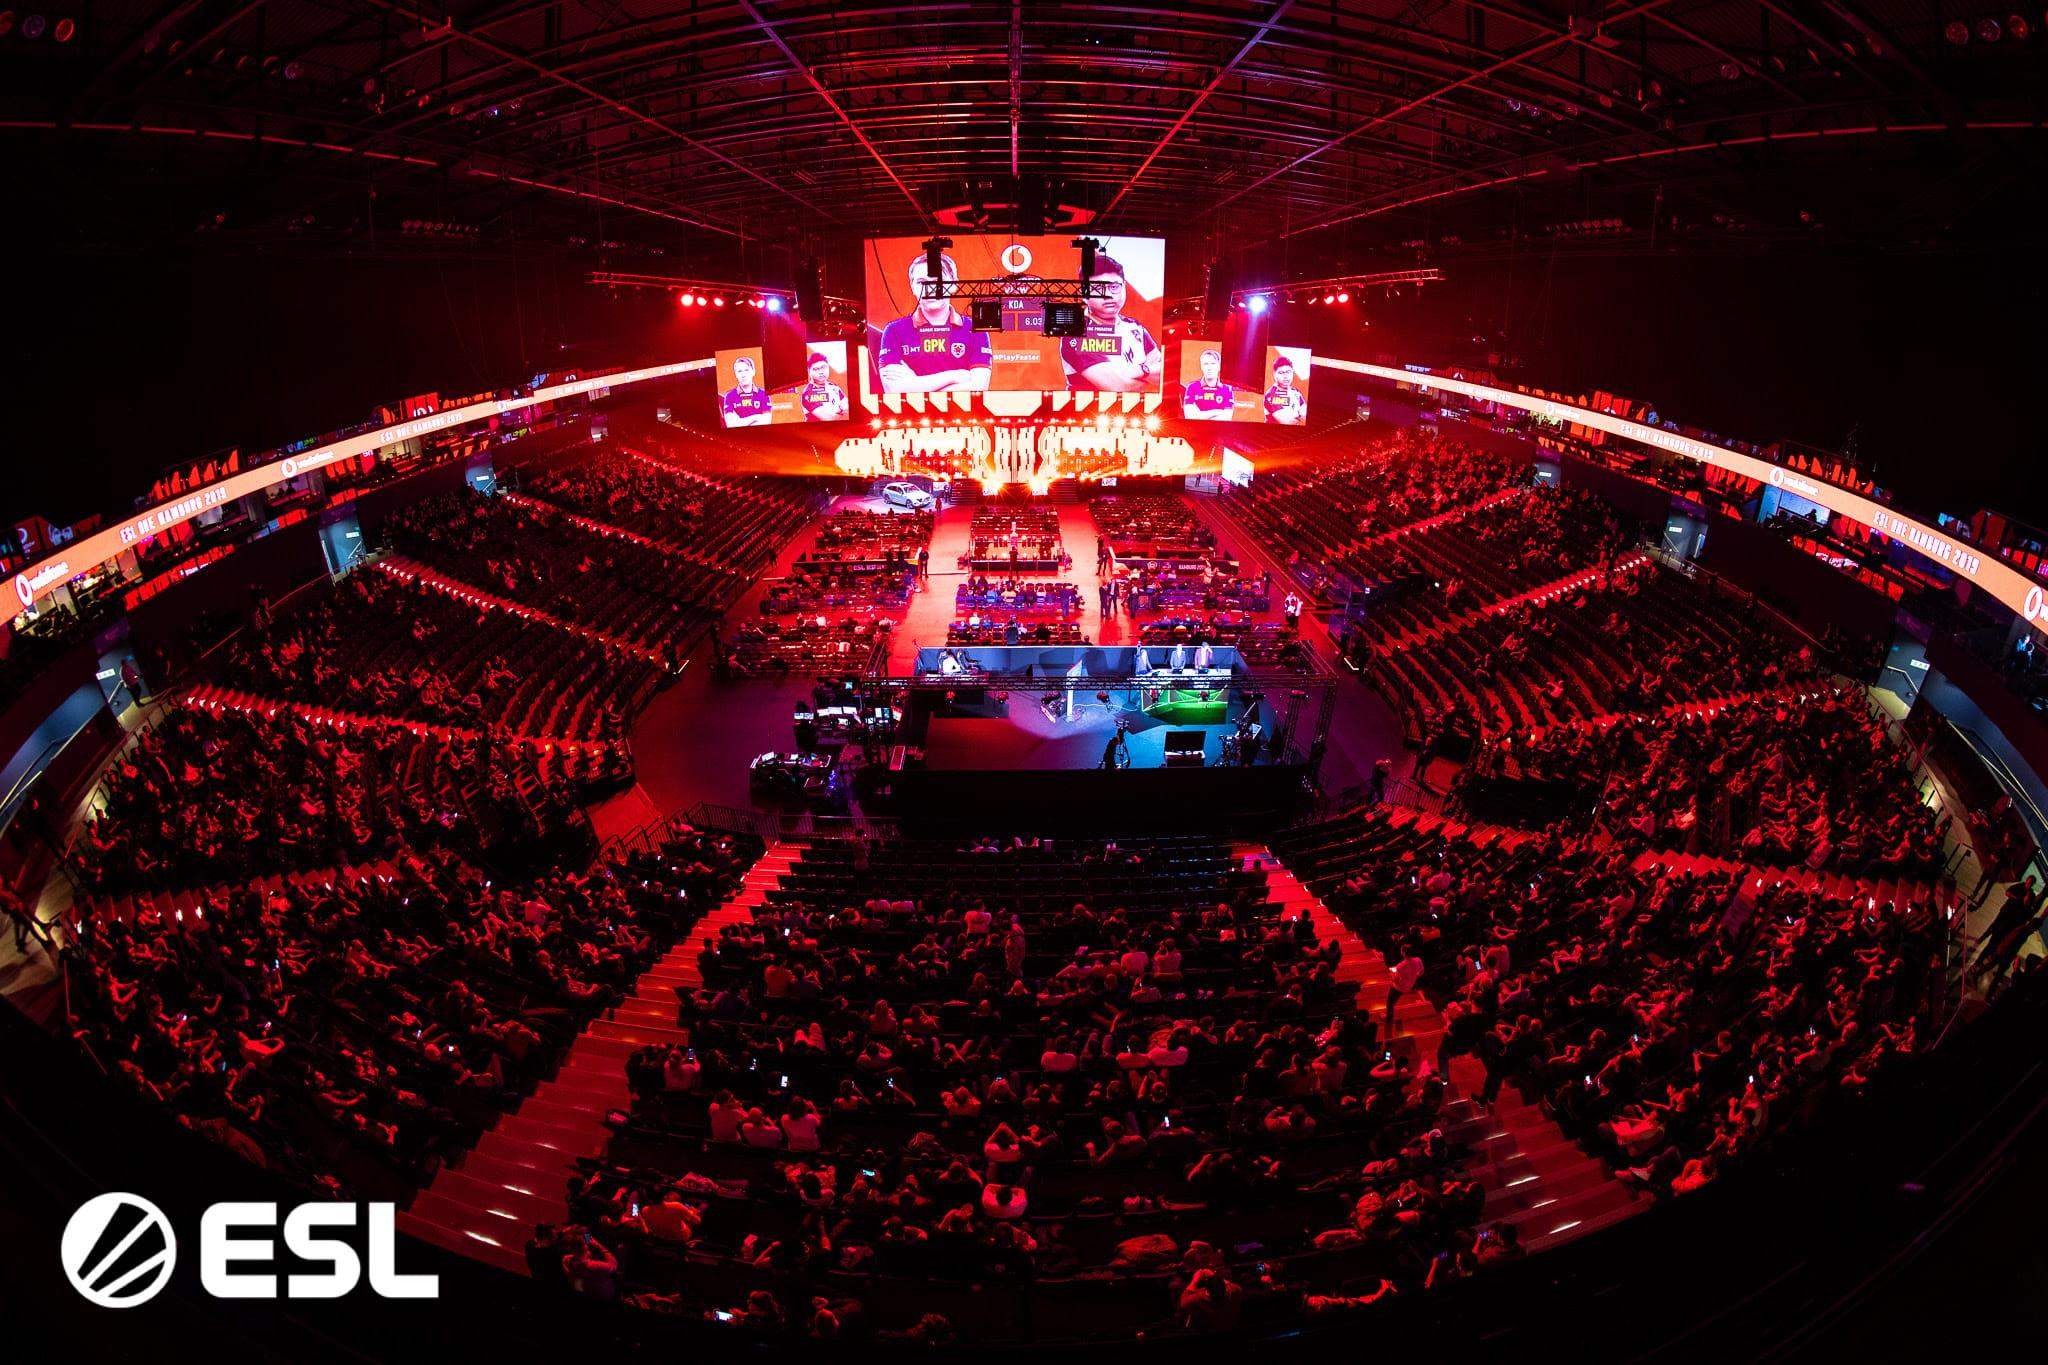 ESL One estreia Major de Dota 2 em Los Angeles em 2020